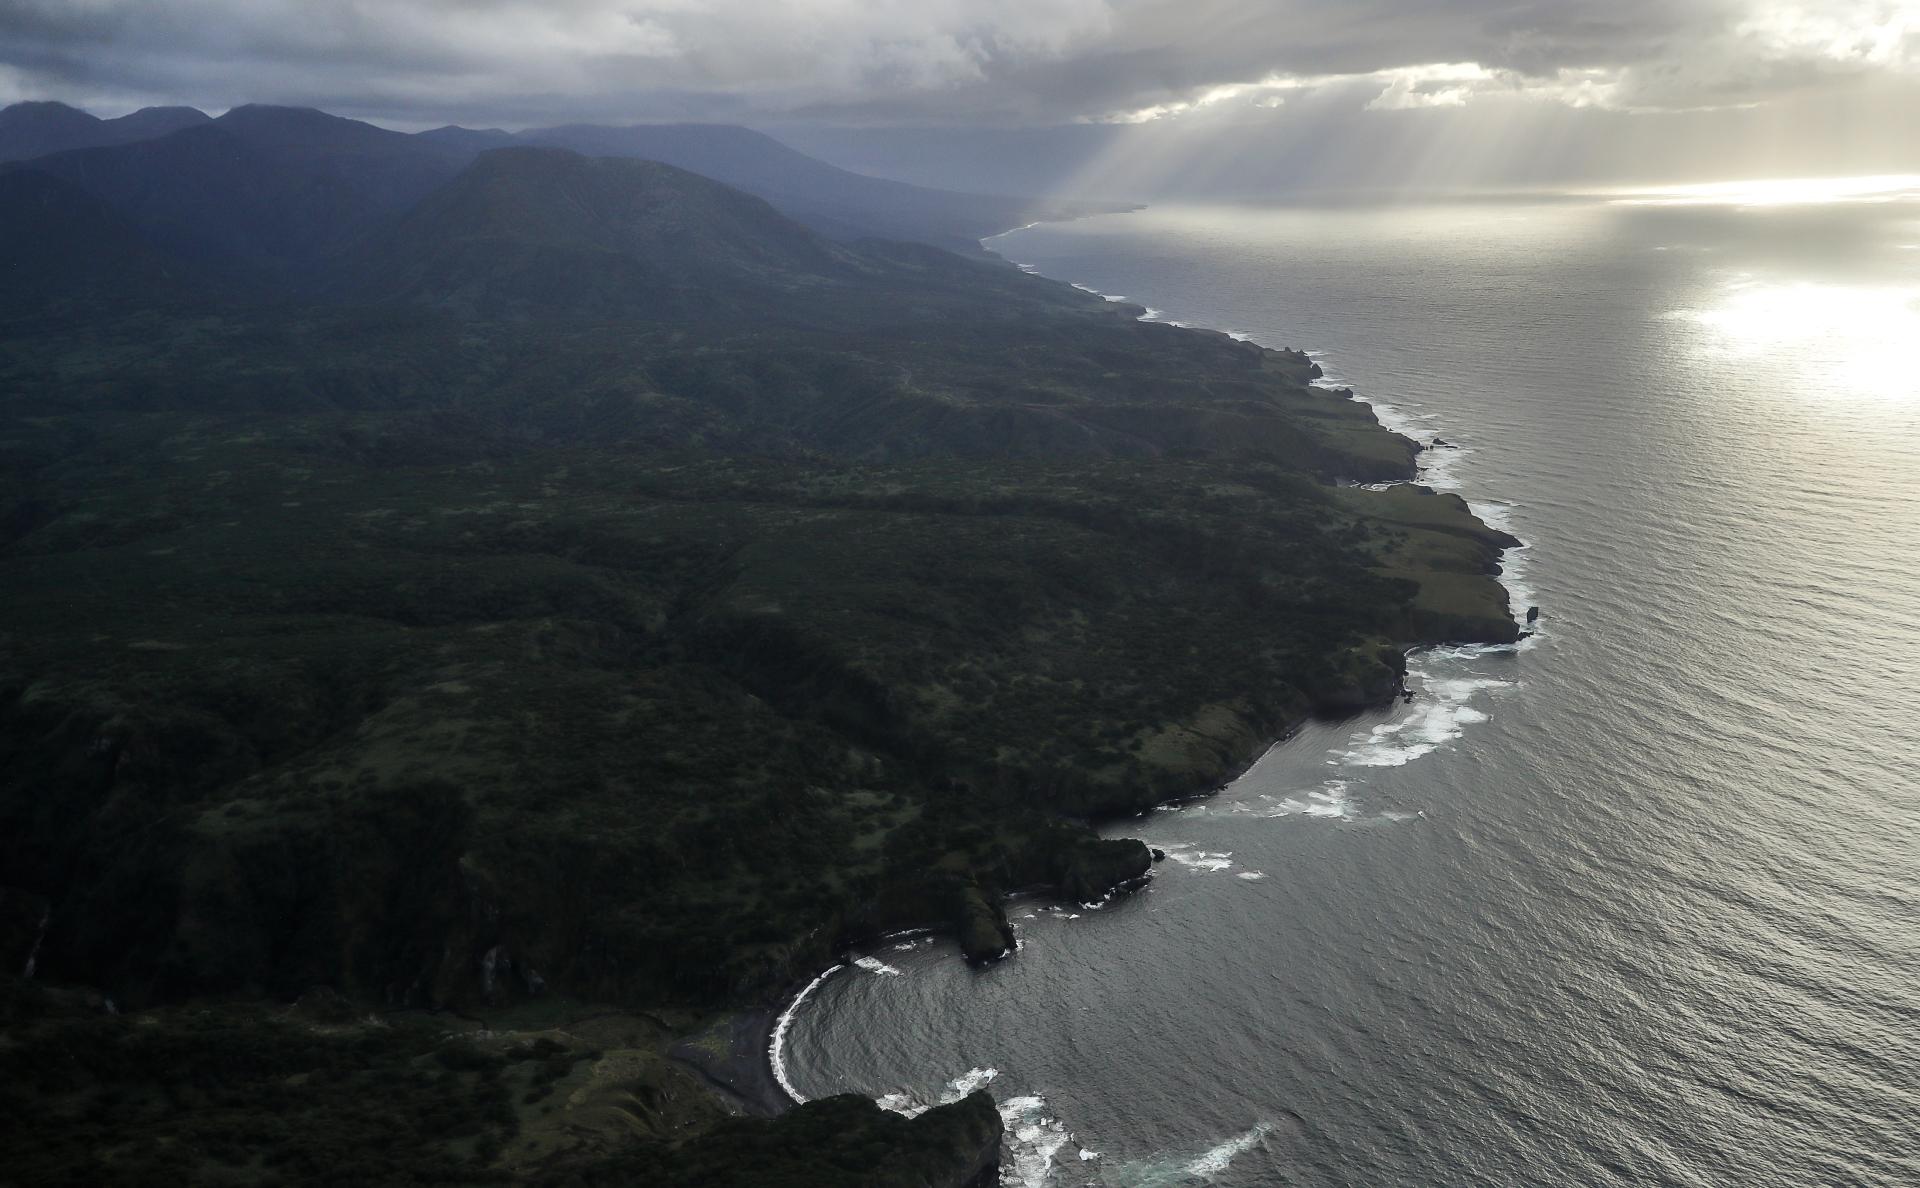 Побережье острова Итуруп (остров южной группы Большой гряды Курильских островов)